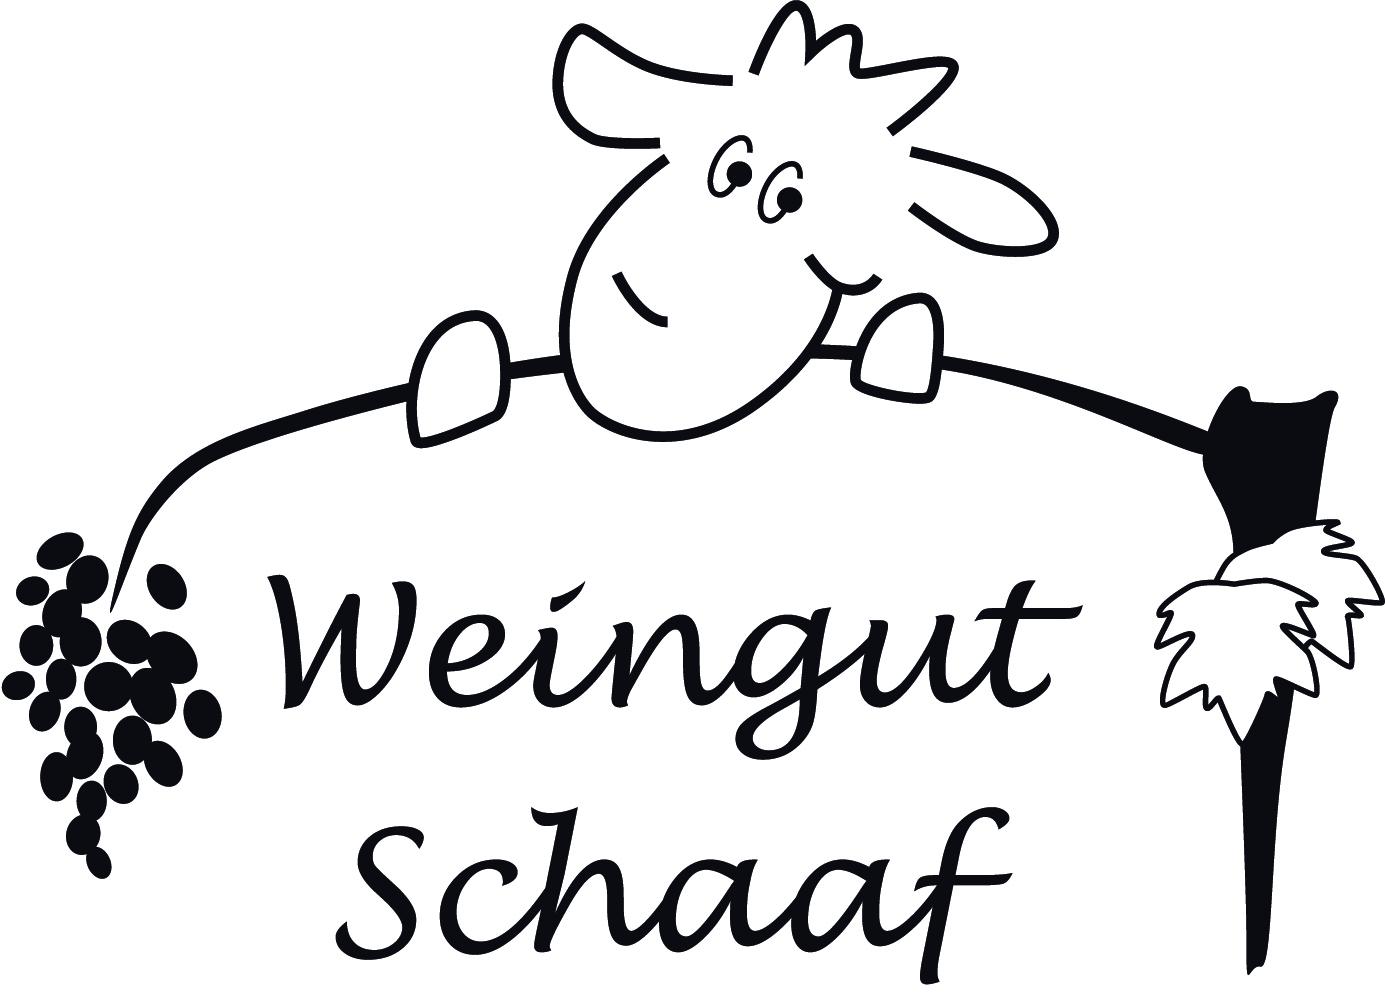 Weingut Schaaf